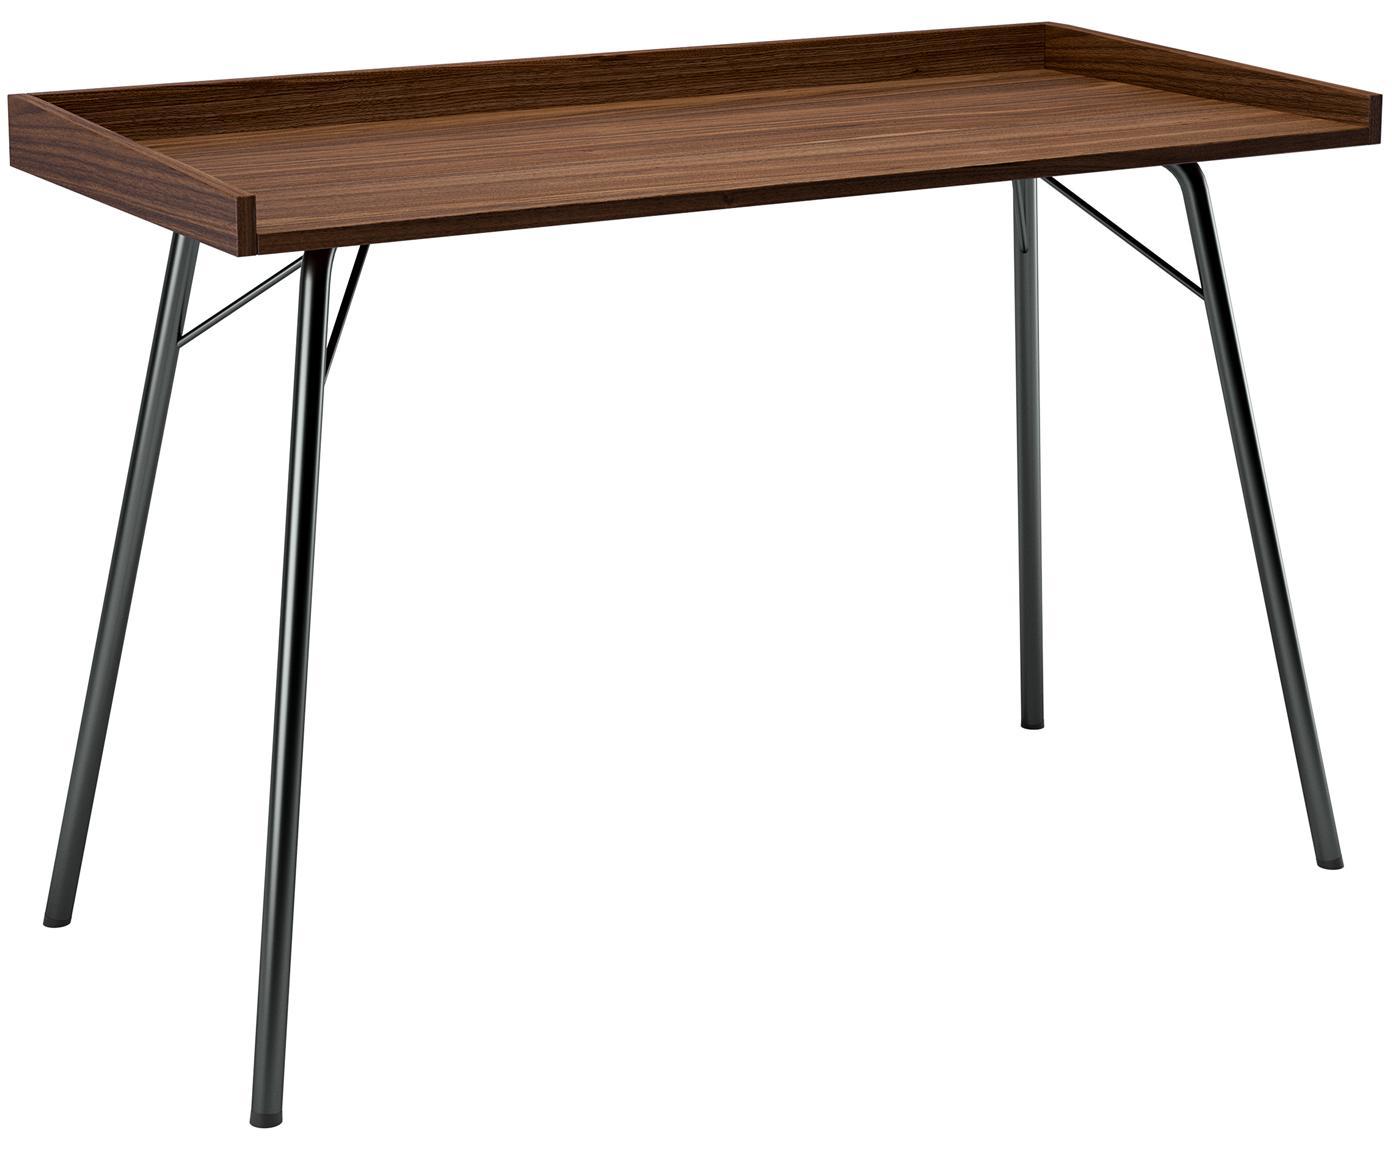 Schreibtisch Rayburn mit Walnussholzfurnier, Tischplatte: Mitteldichte Holzfaserpla, Gestell: Metall, pulverbeschichtet, Walnuss, B 115 x T 52 cm